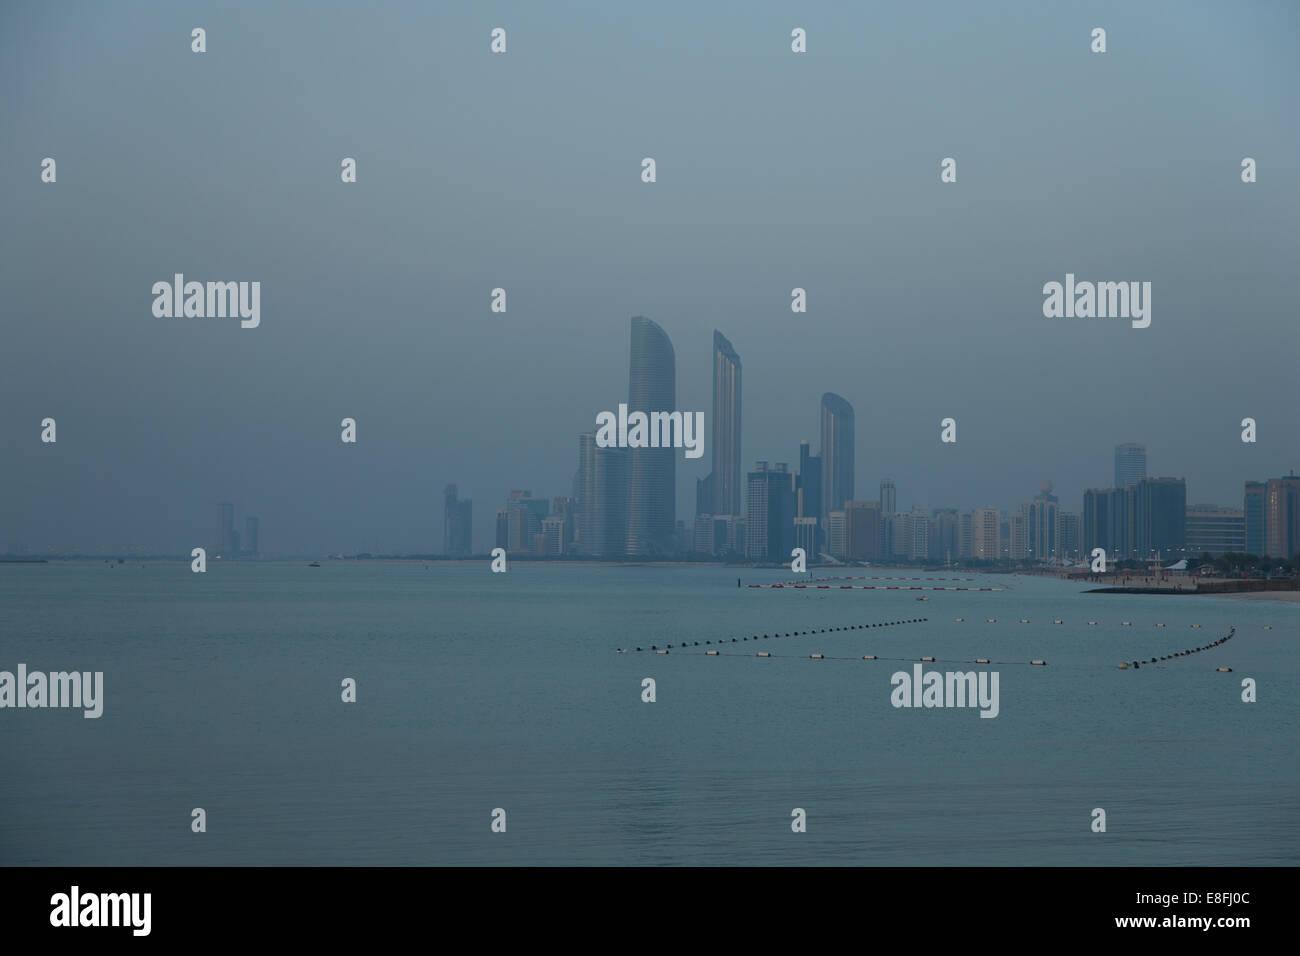 United Arab Emirates, Abu Dhabi, Skyline at dusk - Stock Image